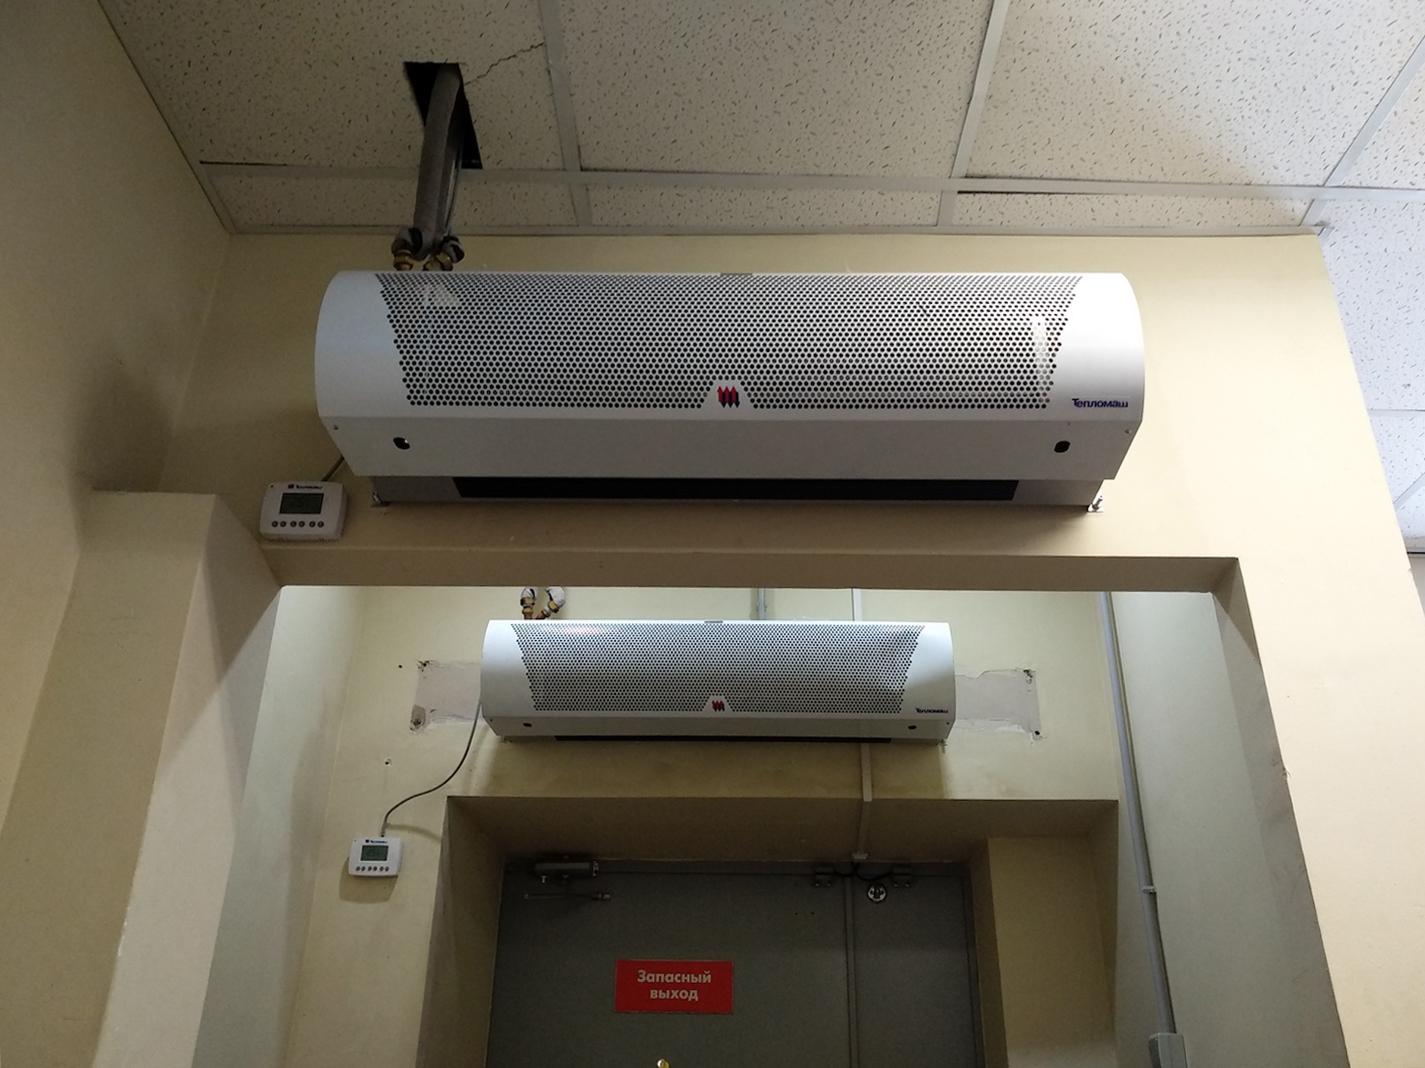 Воздушная и тепловая завеса в дом. какую выбрать? на сайте недвио